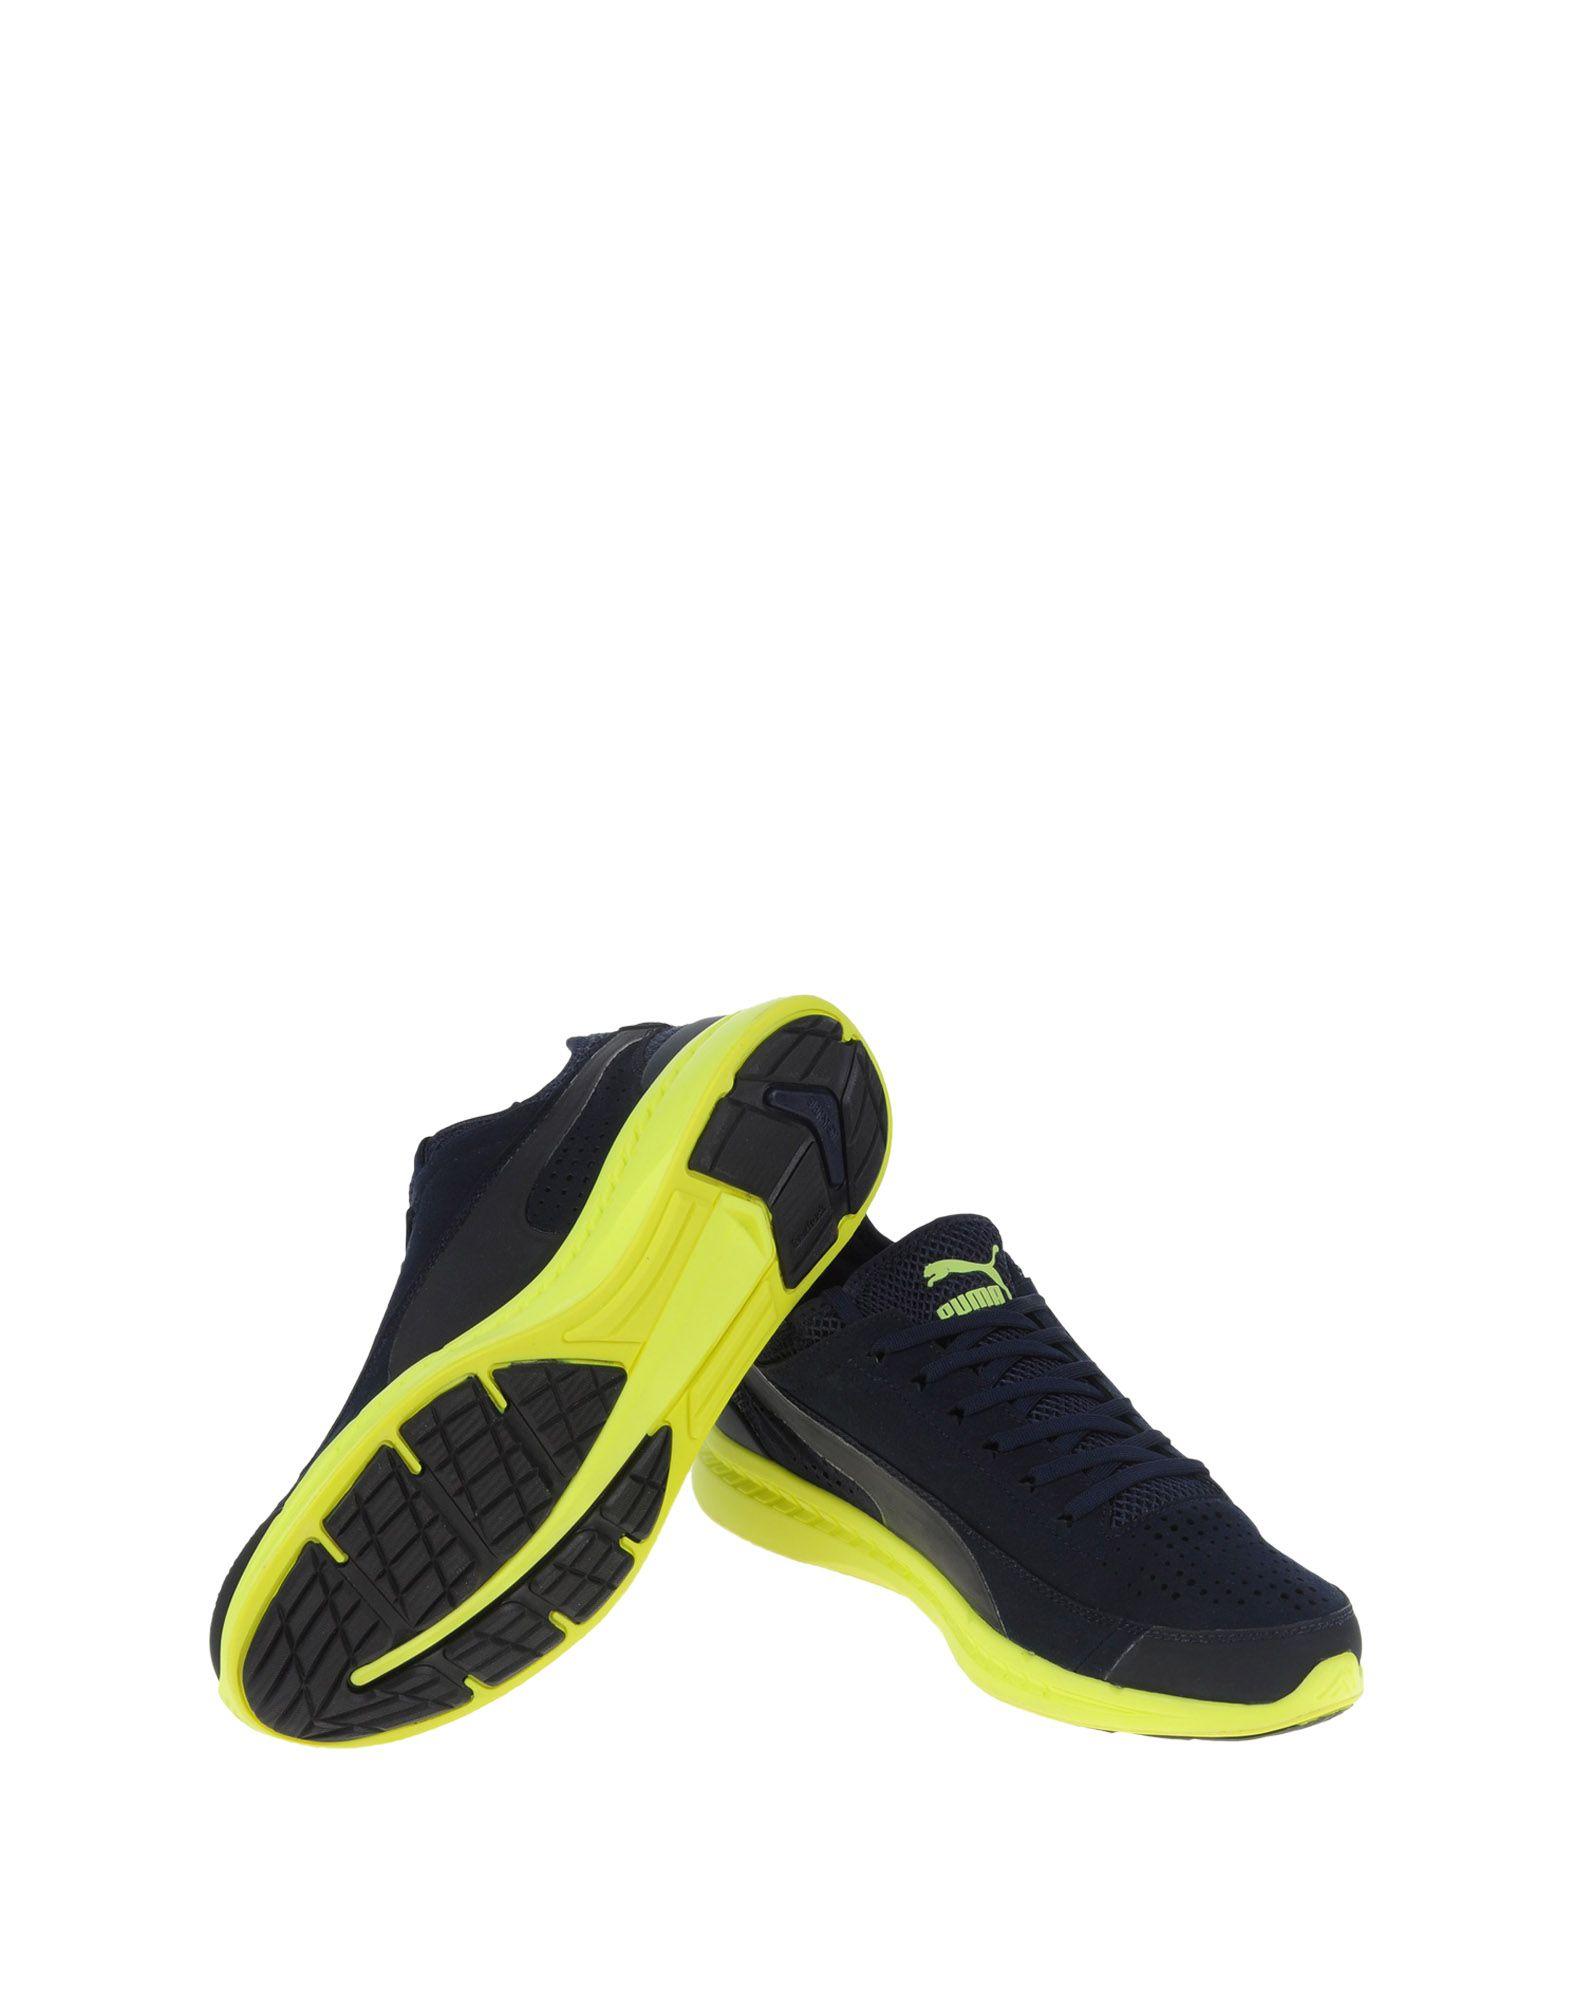 Sneakers Puma 360570-Ignite Sock - Homme - Sneakers Puma sur